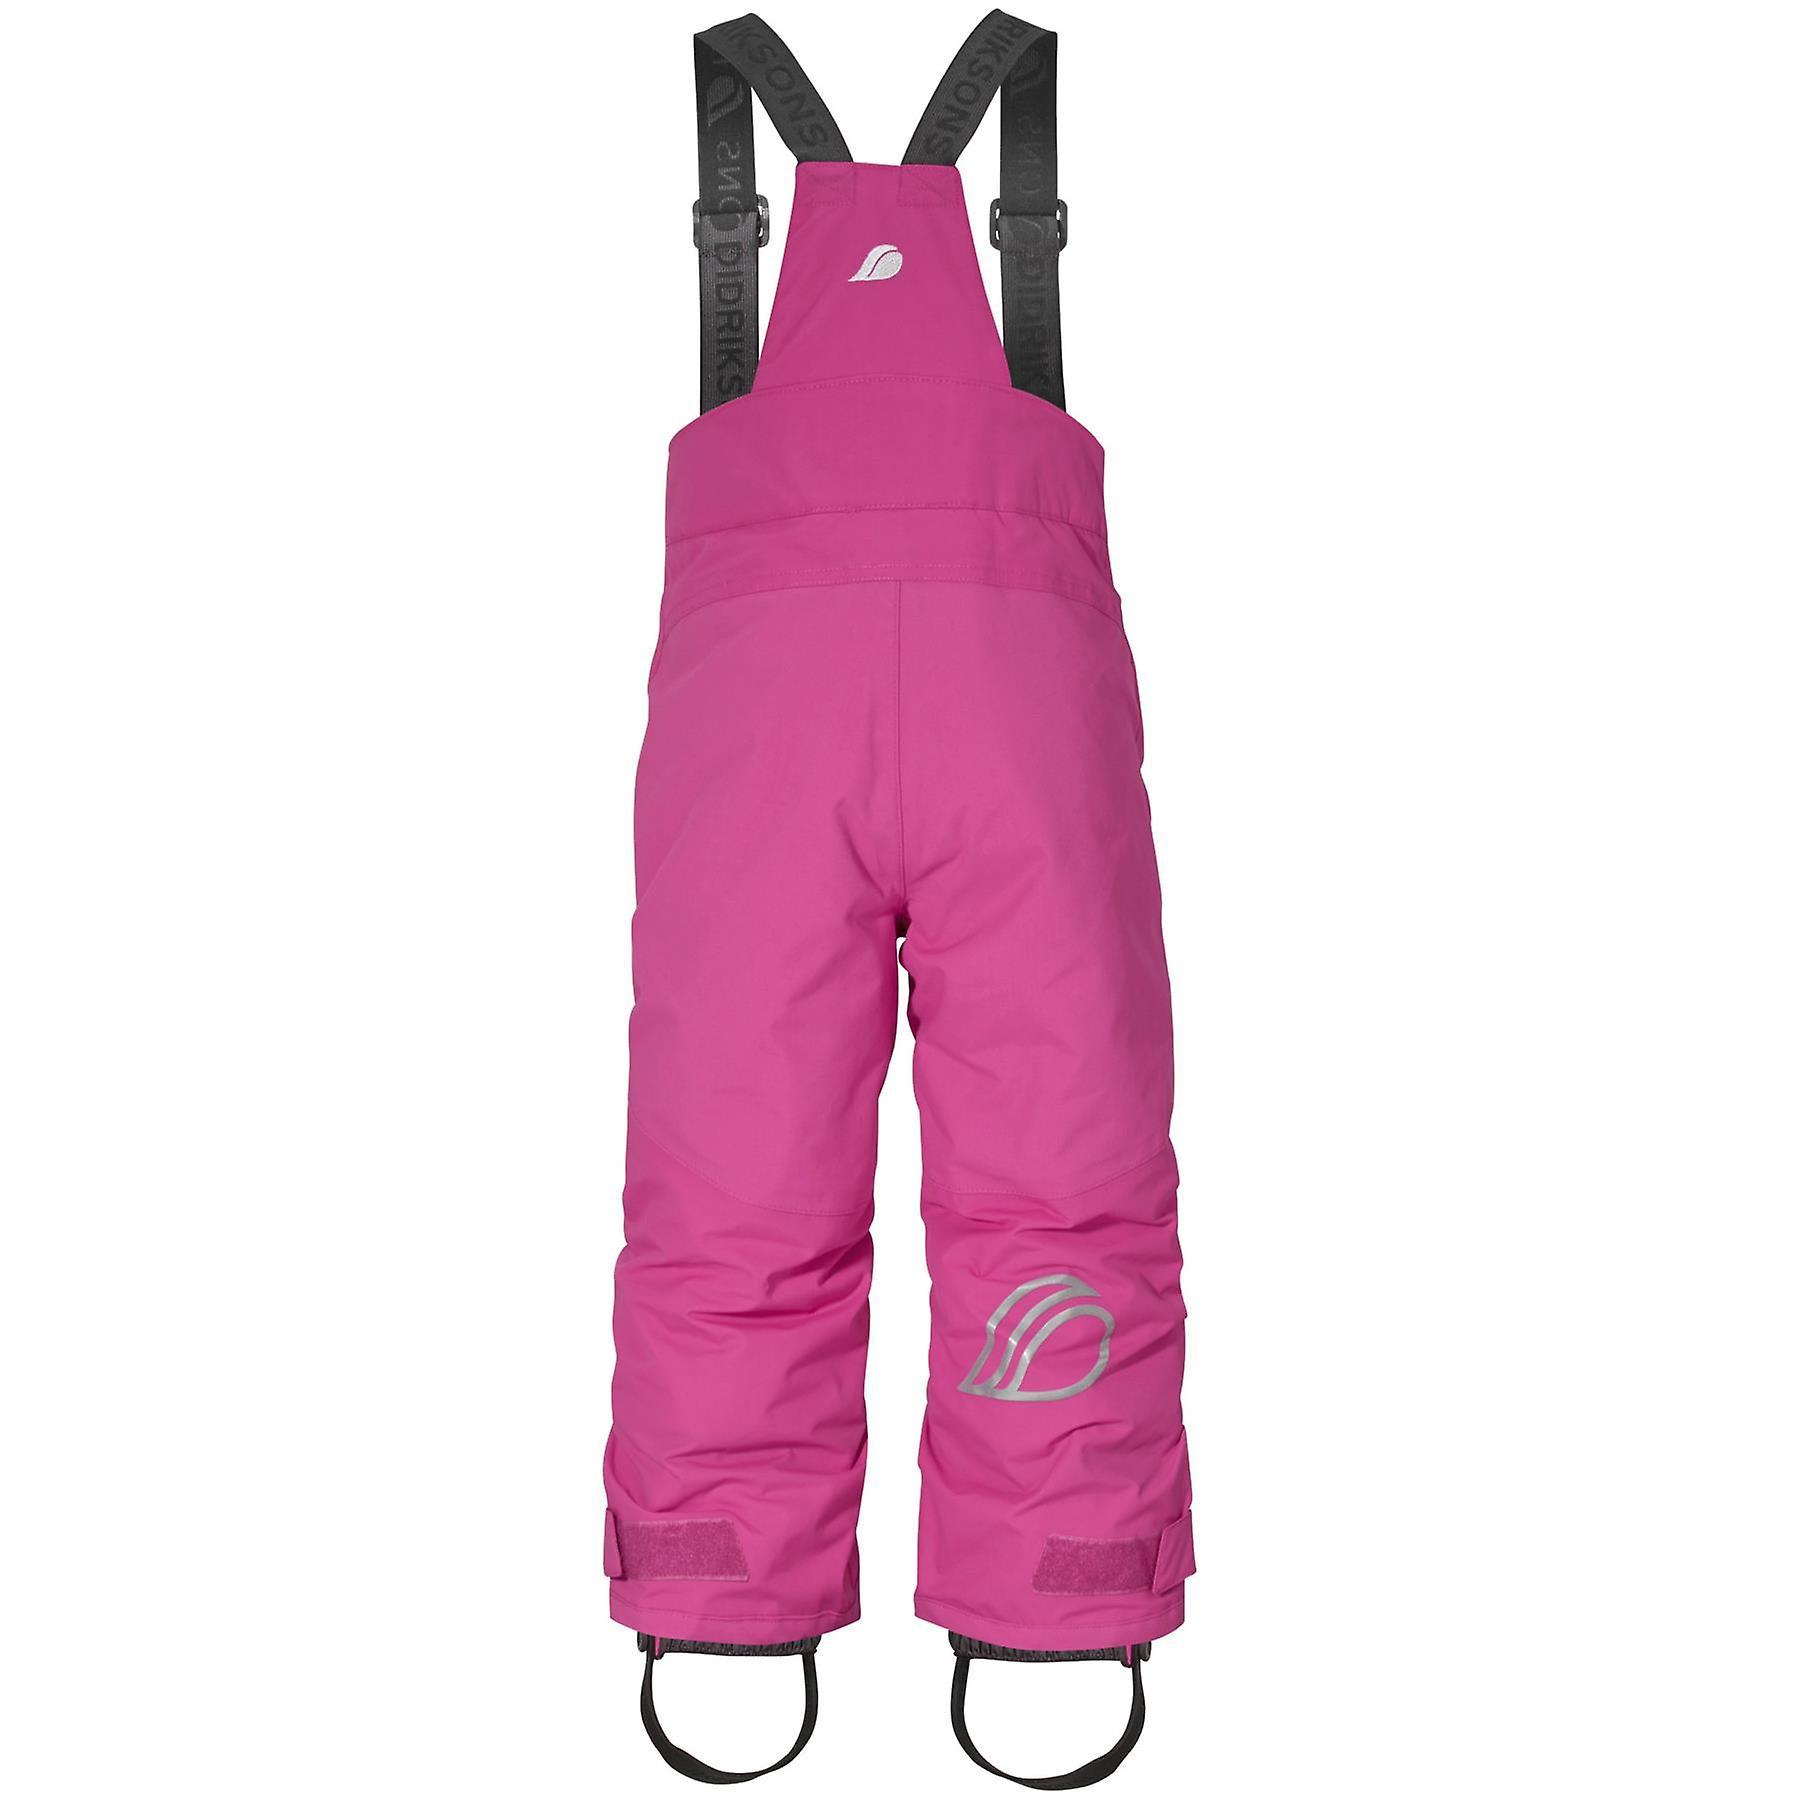 Didriksons Idre 3 Kids Junior Ski Pants Salopettes | Plastic Pink